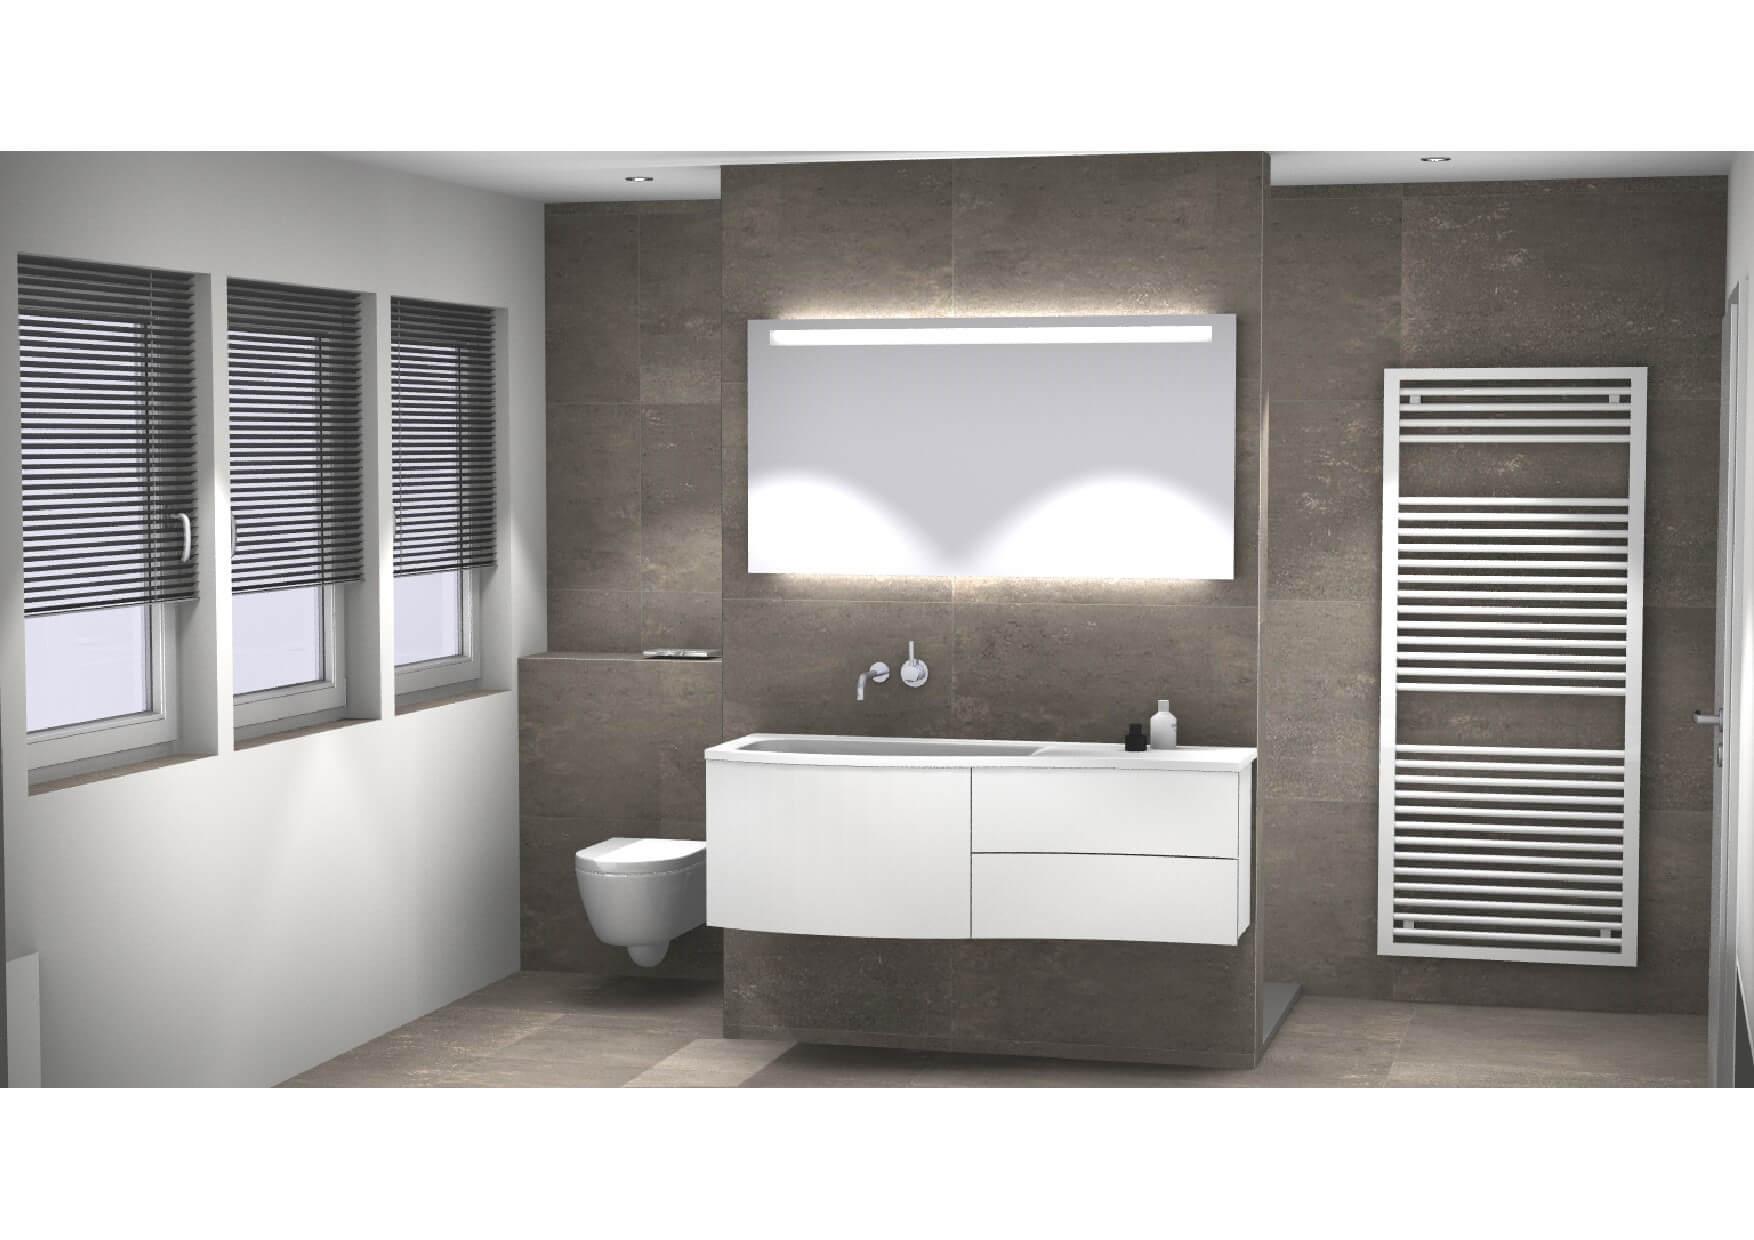 Ansicht-Waschbecken-WC